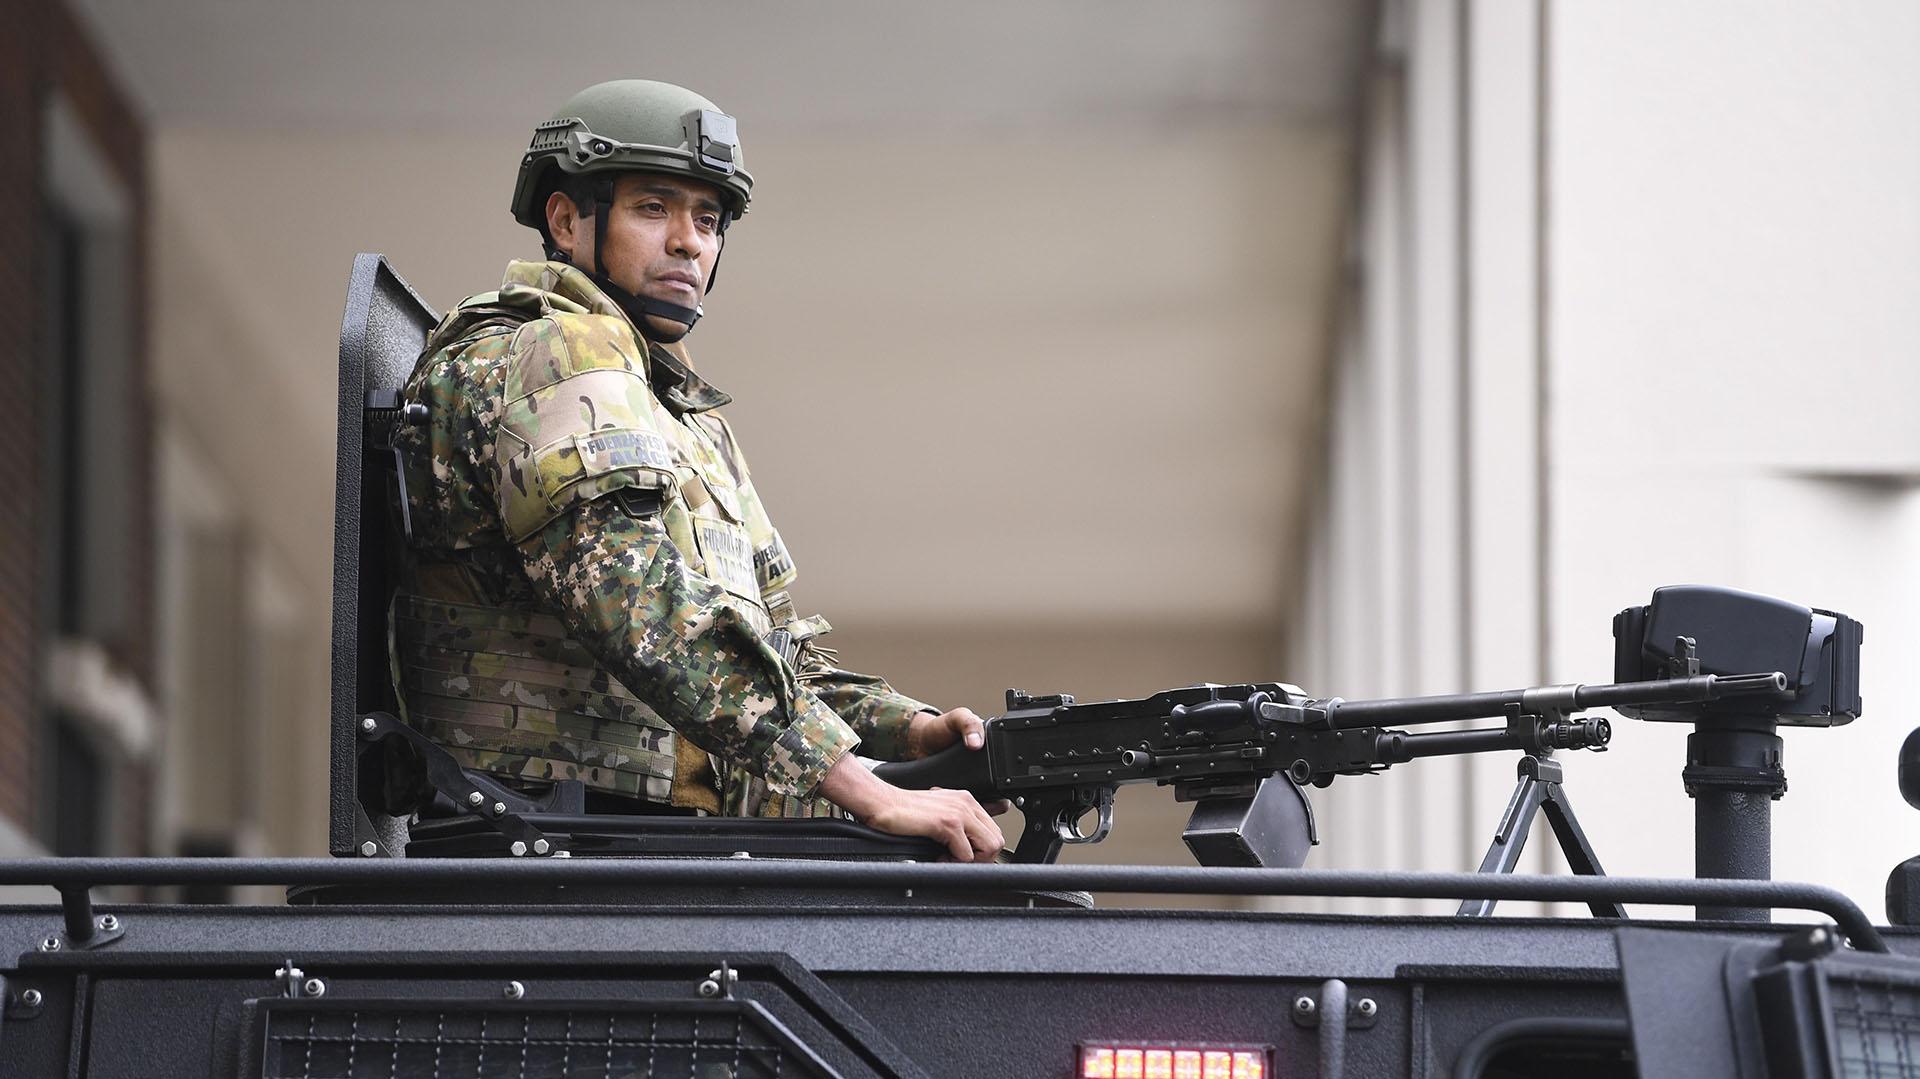 Un miembro de la Gendarmería Nacional monta guardia en un vehículo blindado cerca del lugar donde se lleva a cabo la Cumbre del G20